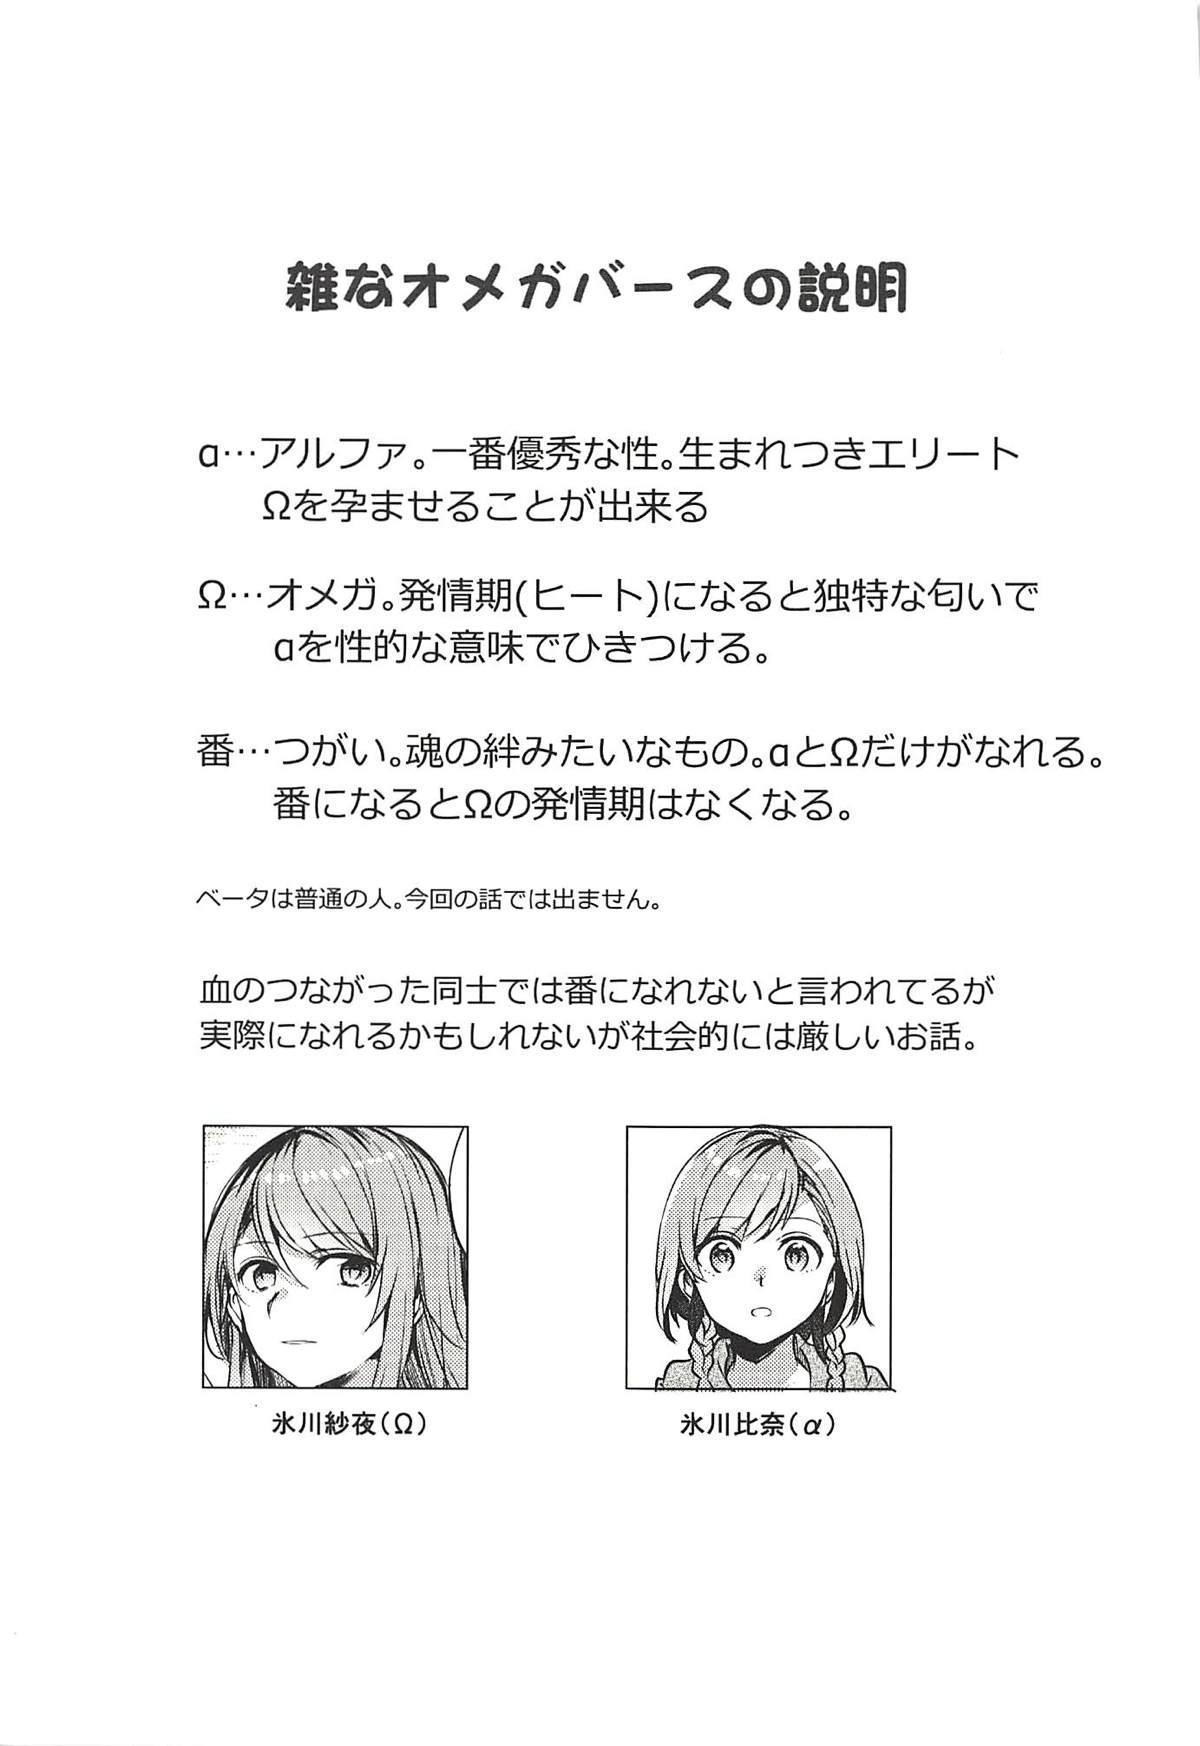 Kimi no Koi wa Watashi no Koi 1